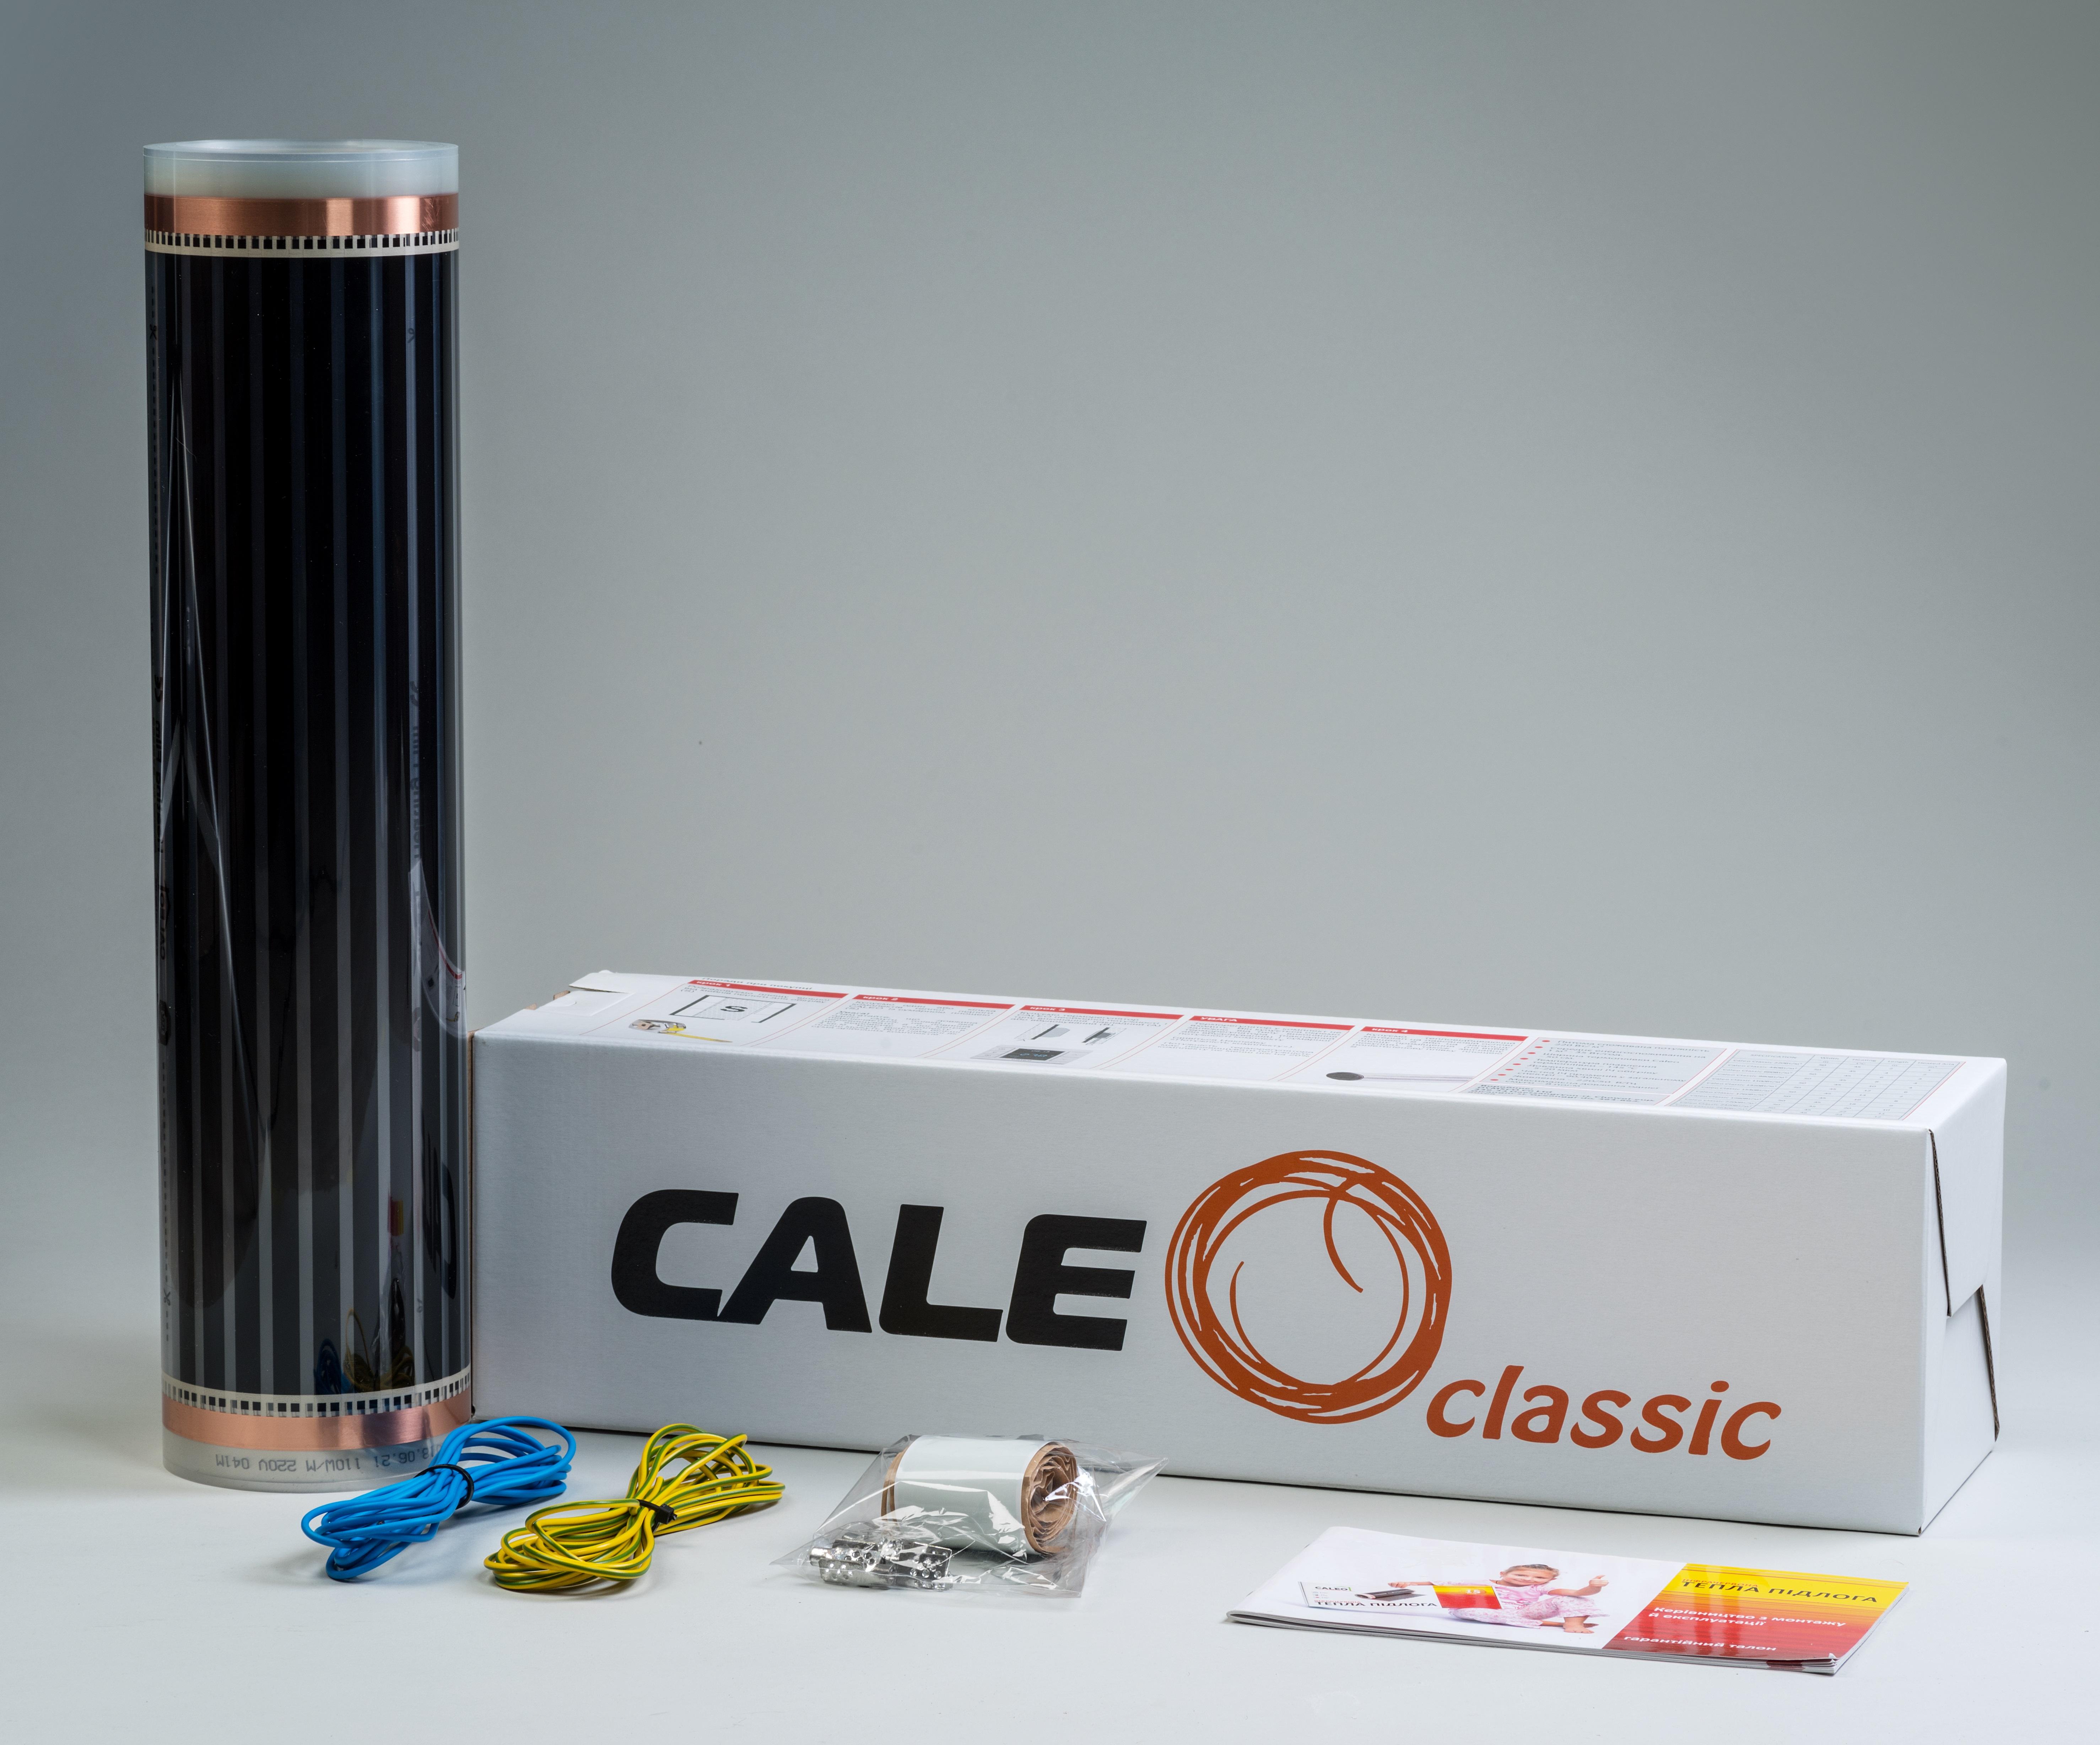 caleo (южная корея) Caleo Classic 220-0,5-8.0 (8 м2)